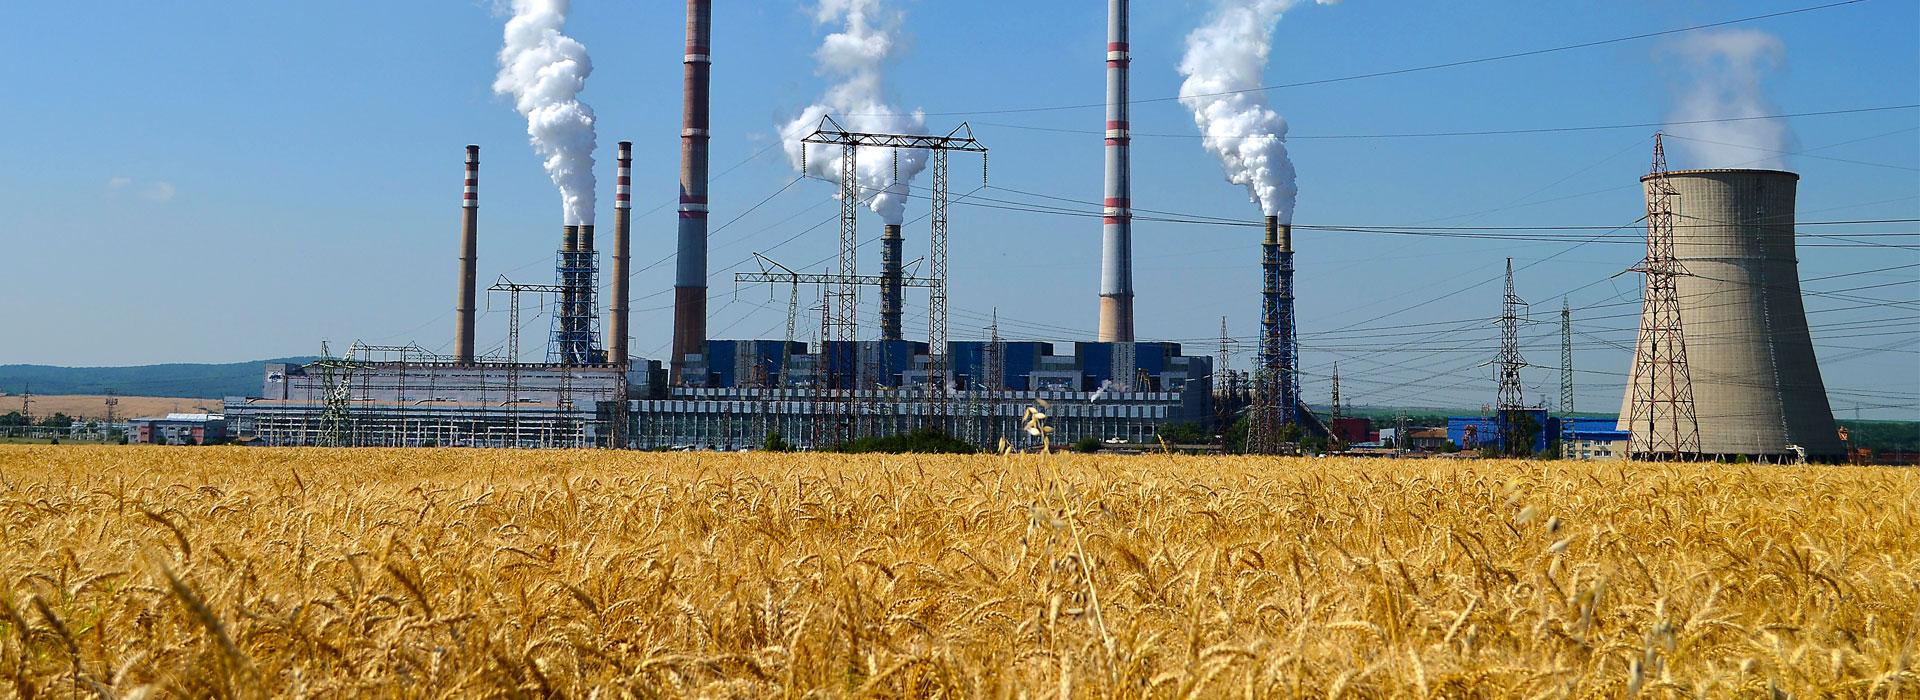 EU fines Bulgaria 77 million euros